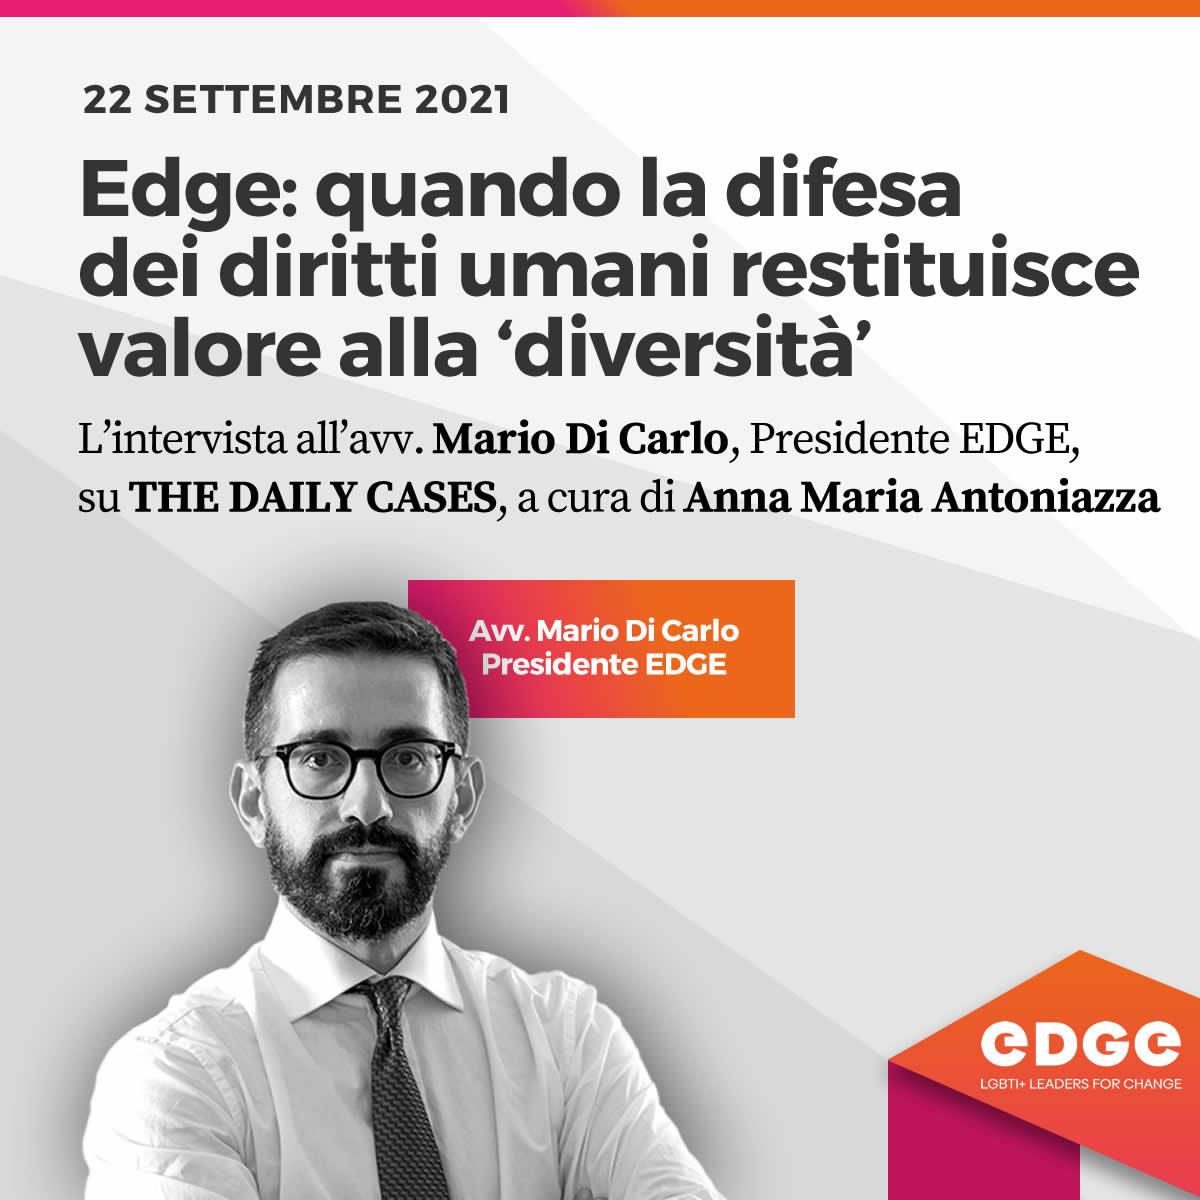 Intervento Di Carlo su The Daily Cases | EDGE LGBTI+Leaders for change